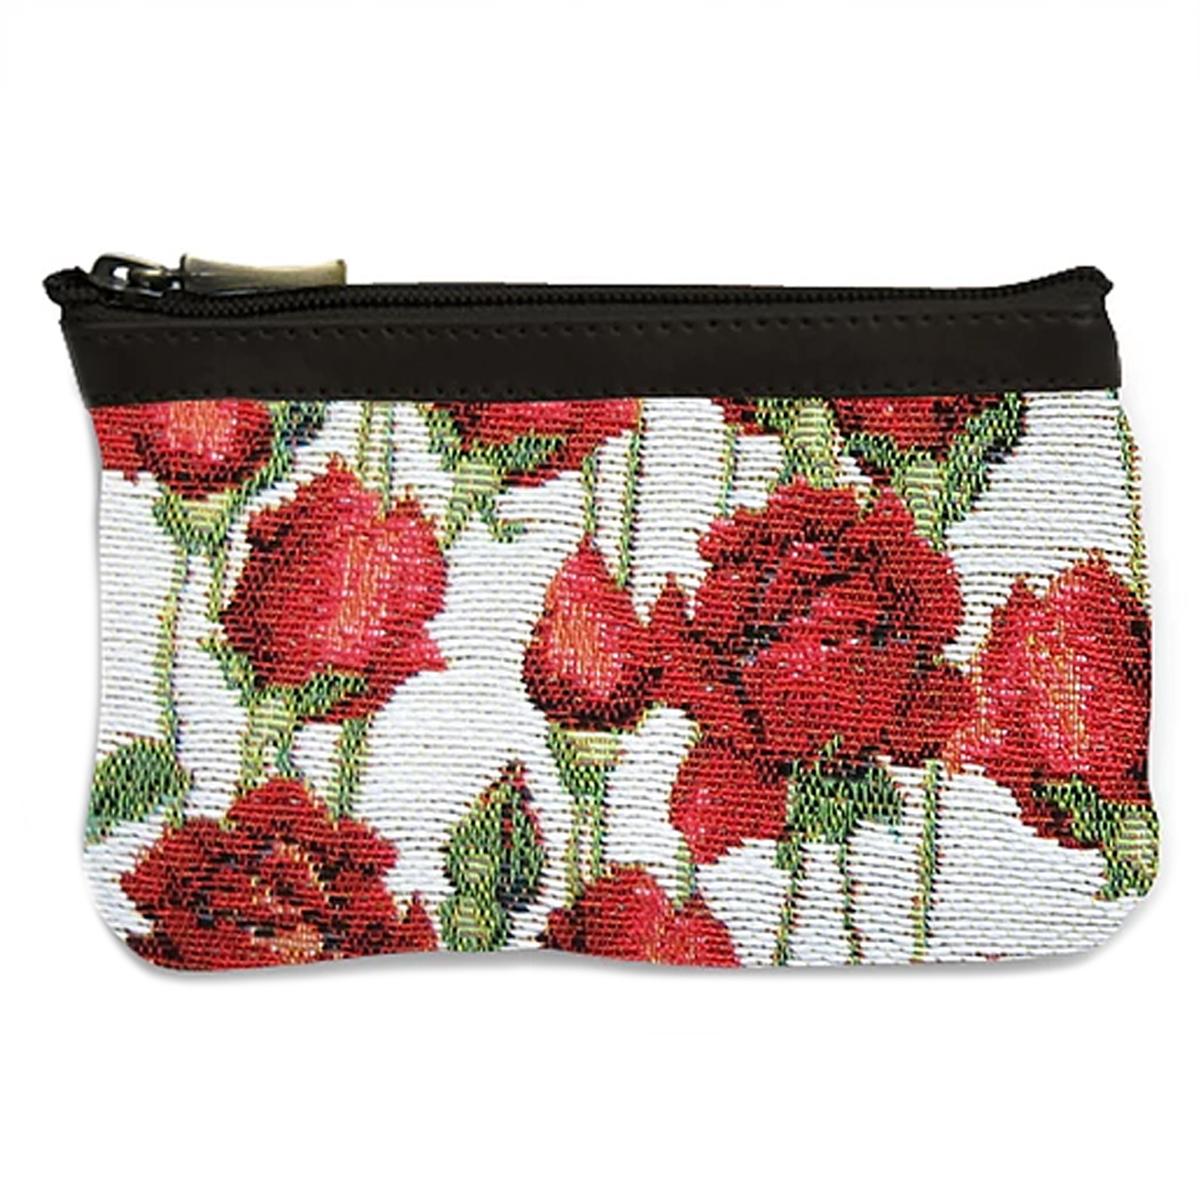 Pochette trousse artisanale \'Royal Tapisserie\' blanc rouge (roses rouges) - 14x10x2 cm - [Q6368]